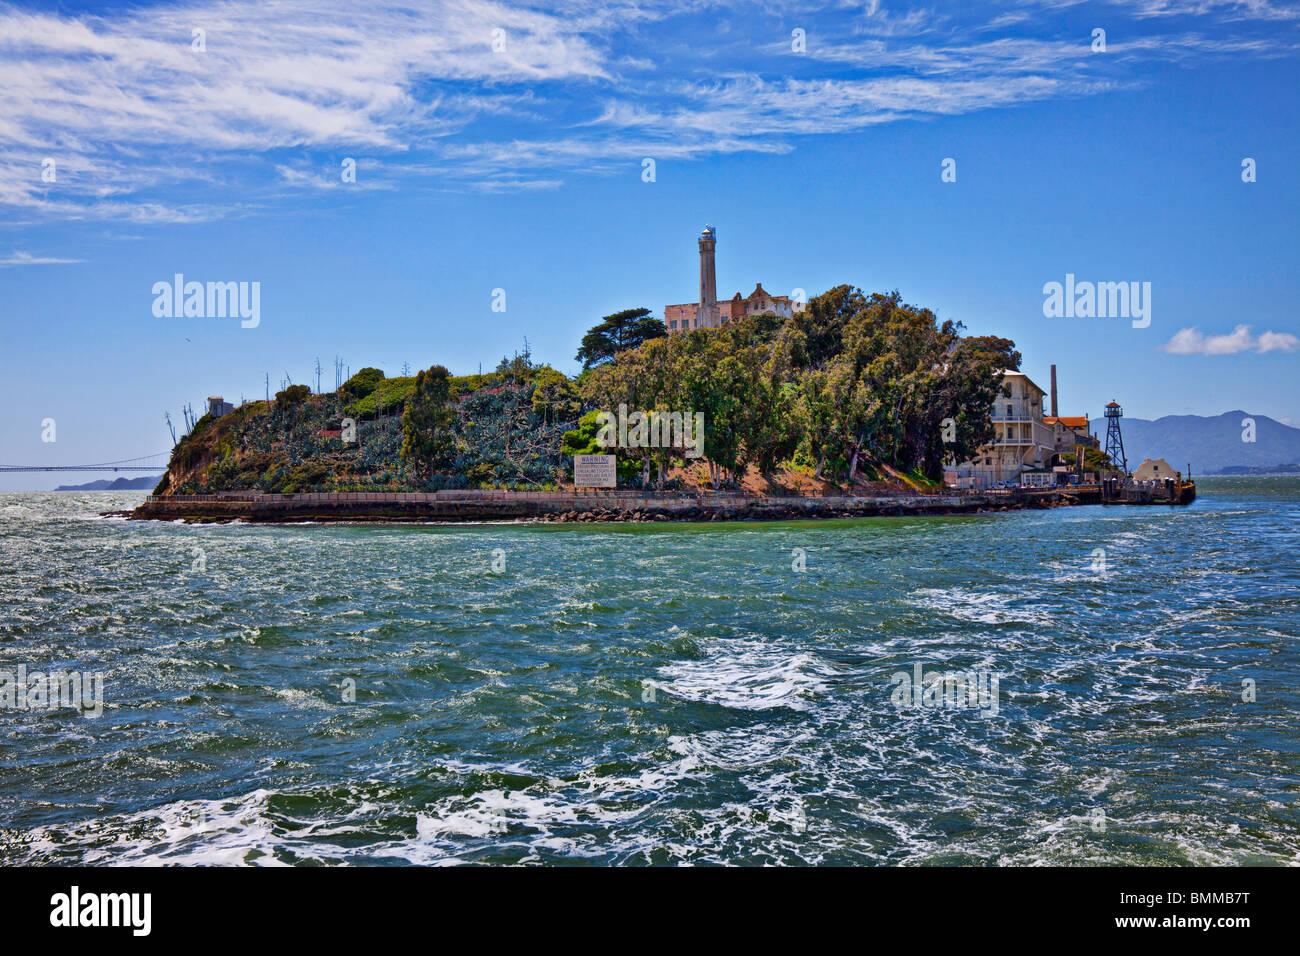 Alcatraz island San Francisco - Stock Image